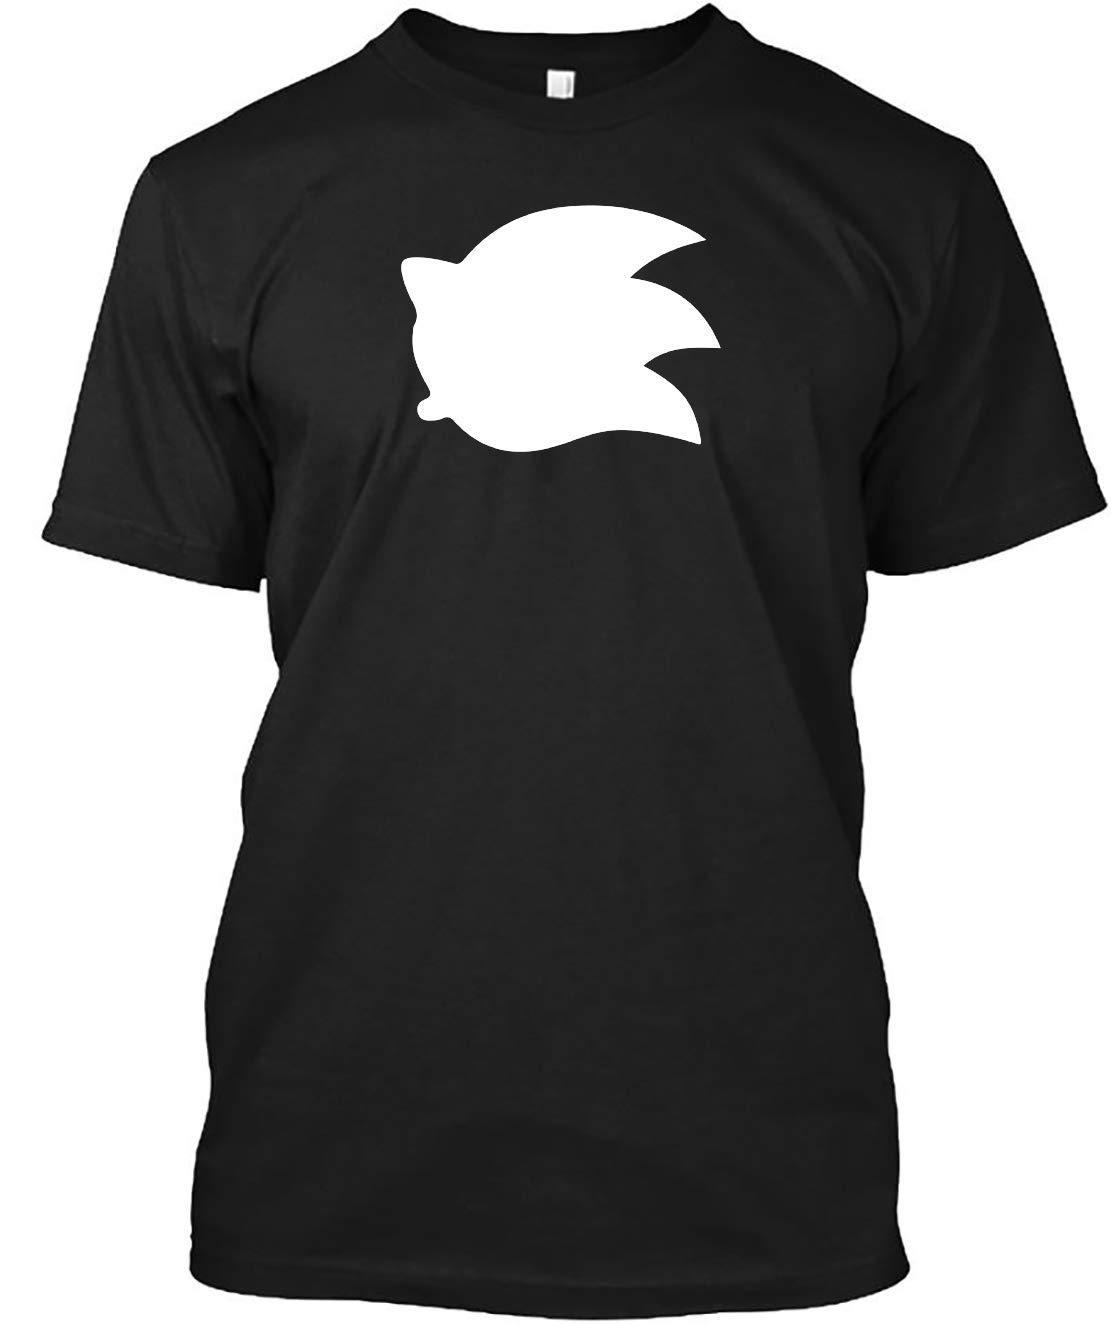 Sonic The Hedgehog Symbol Super Smash Bros 32 Tshirt For 1